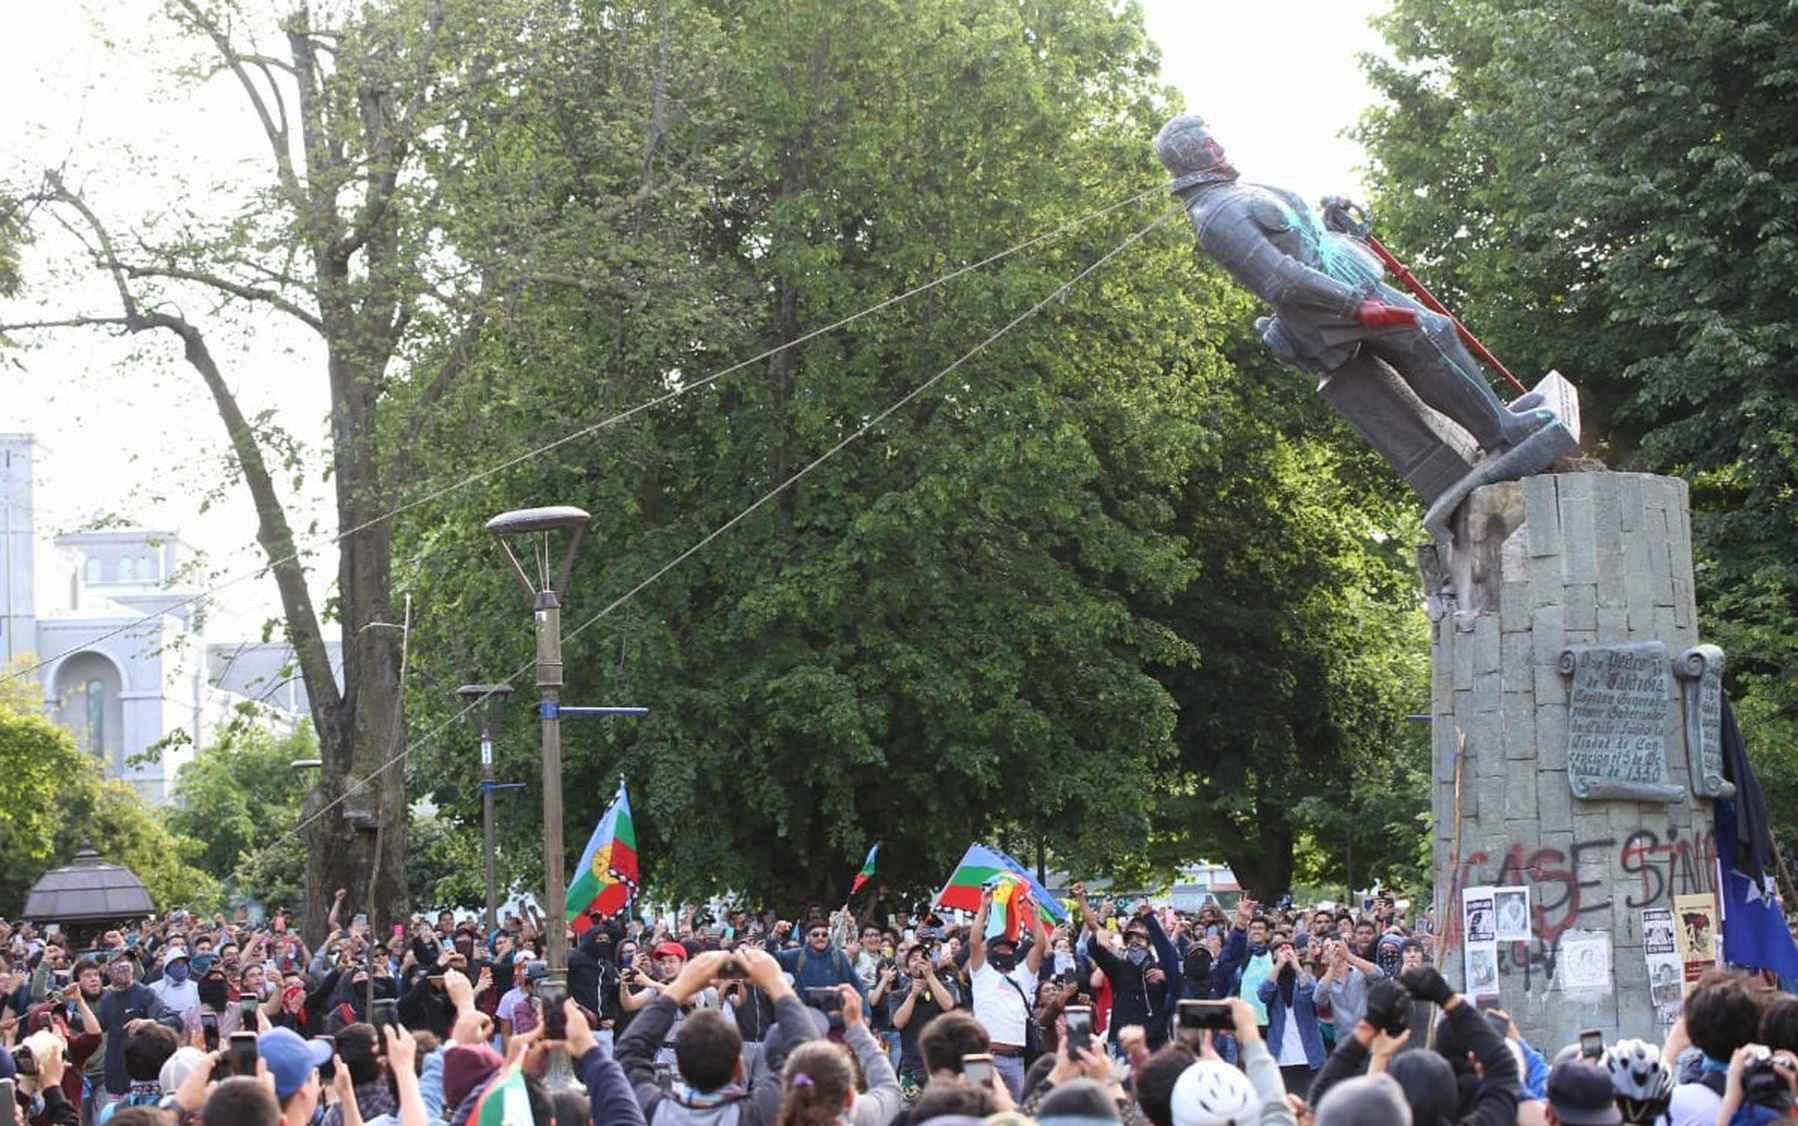 Concepción: Derriban emblemática estatua del conquistador español Pedro de Valdivia - El Ciudadano